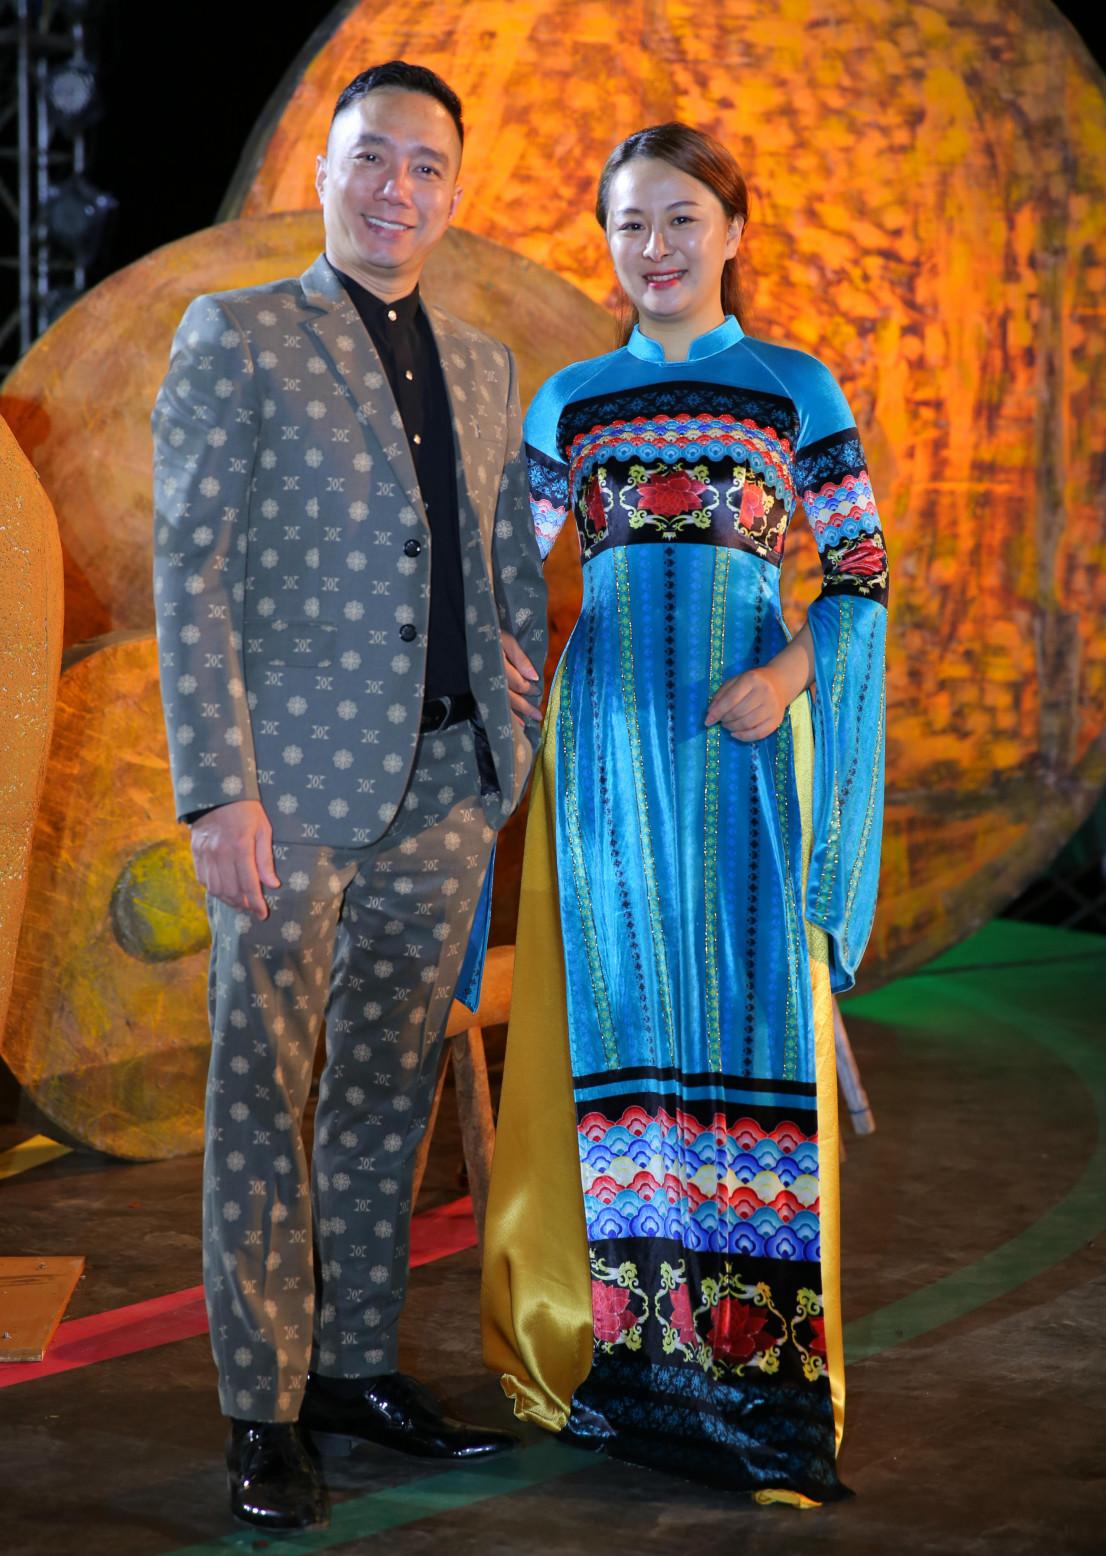 Đỗ Trịnh Hoài Nam cùng học trò - NTK trẻ Thảo Giang. Nhà thiết kế người dân tộc Tày này là một trong những gương mặt nổi bật được lựa chọn trình diễn bộ sưu tập tại Lễ hội Văn hóa thổ cẩm Việt Nam lần thứ nhất.